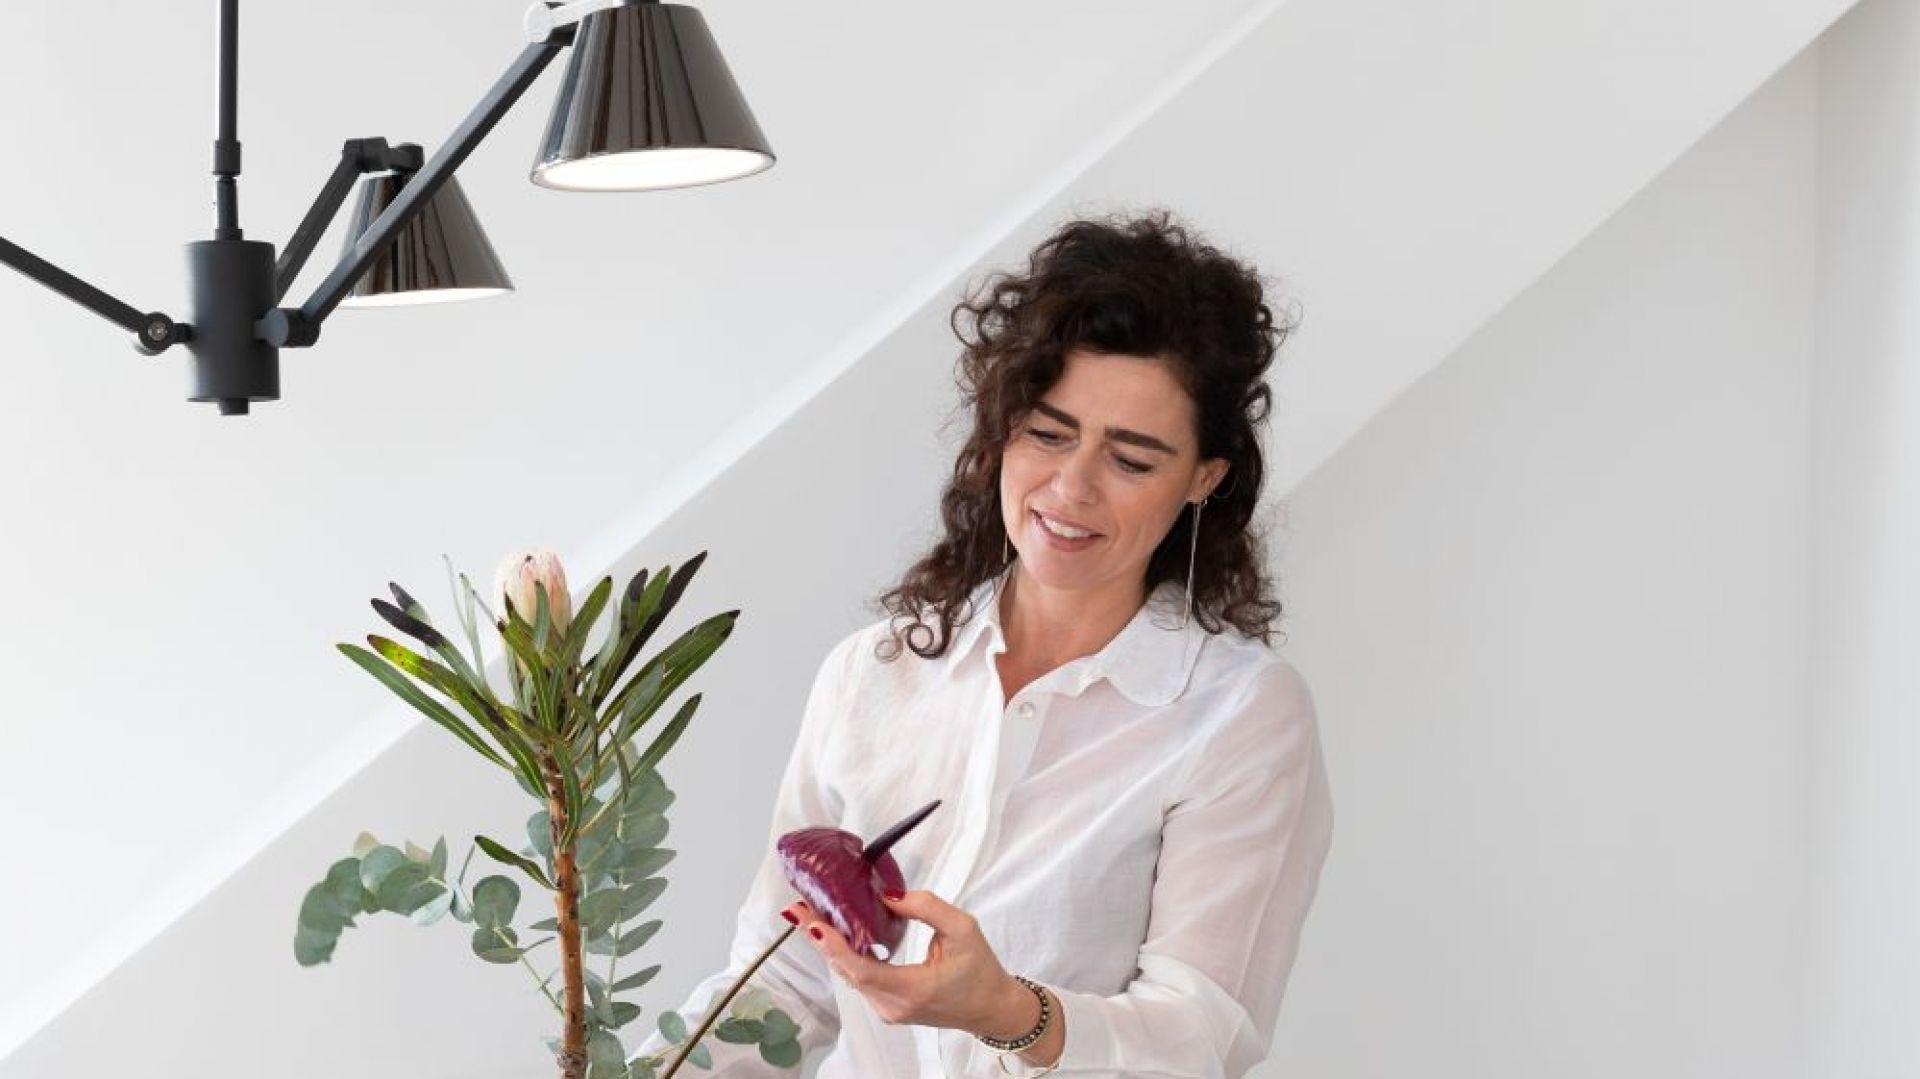 Caroline van Velze, współzałożycielka i dyrektor kreatywna Zuiver